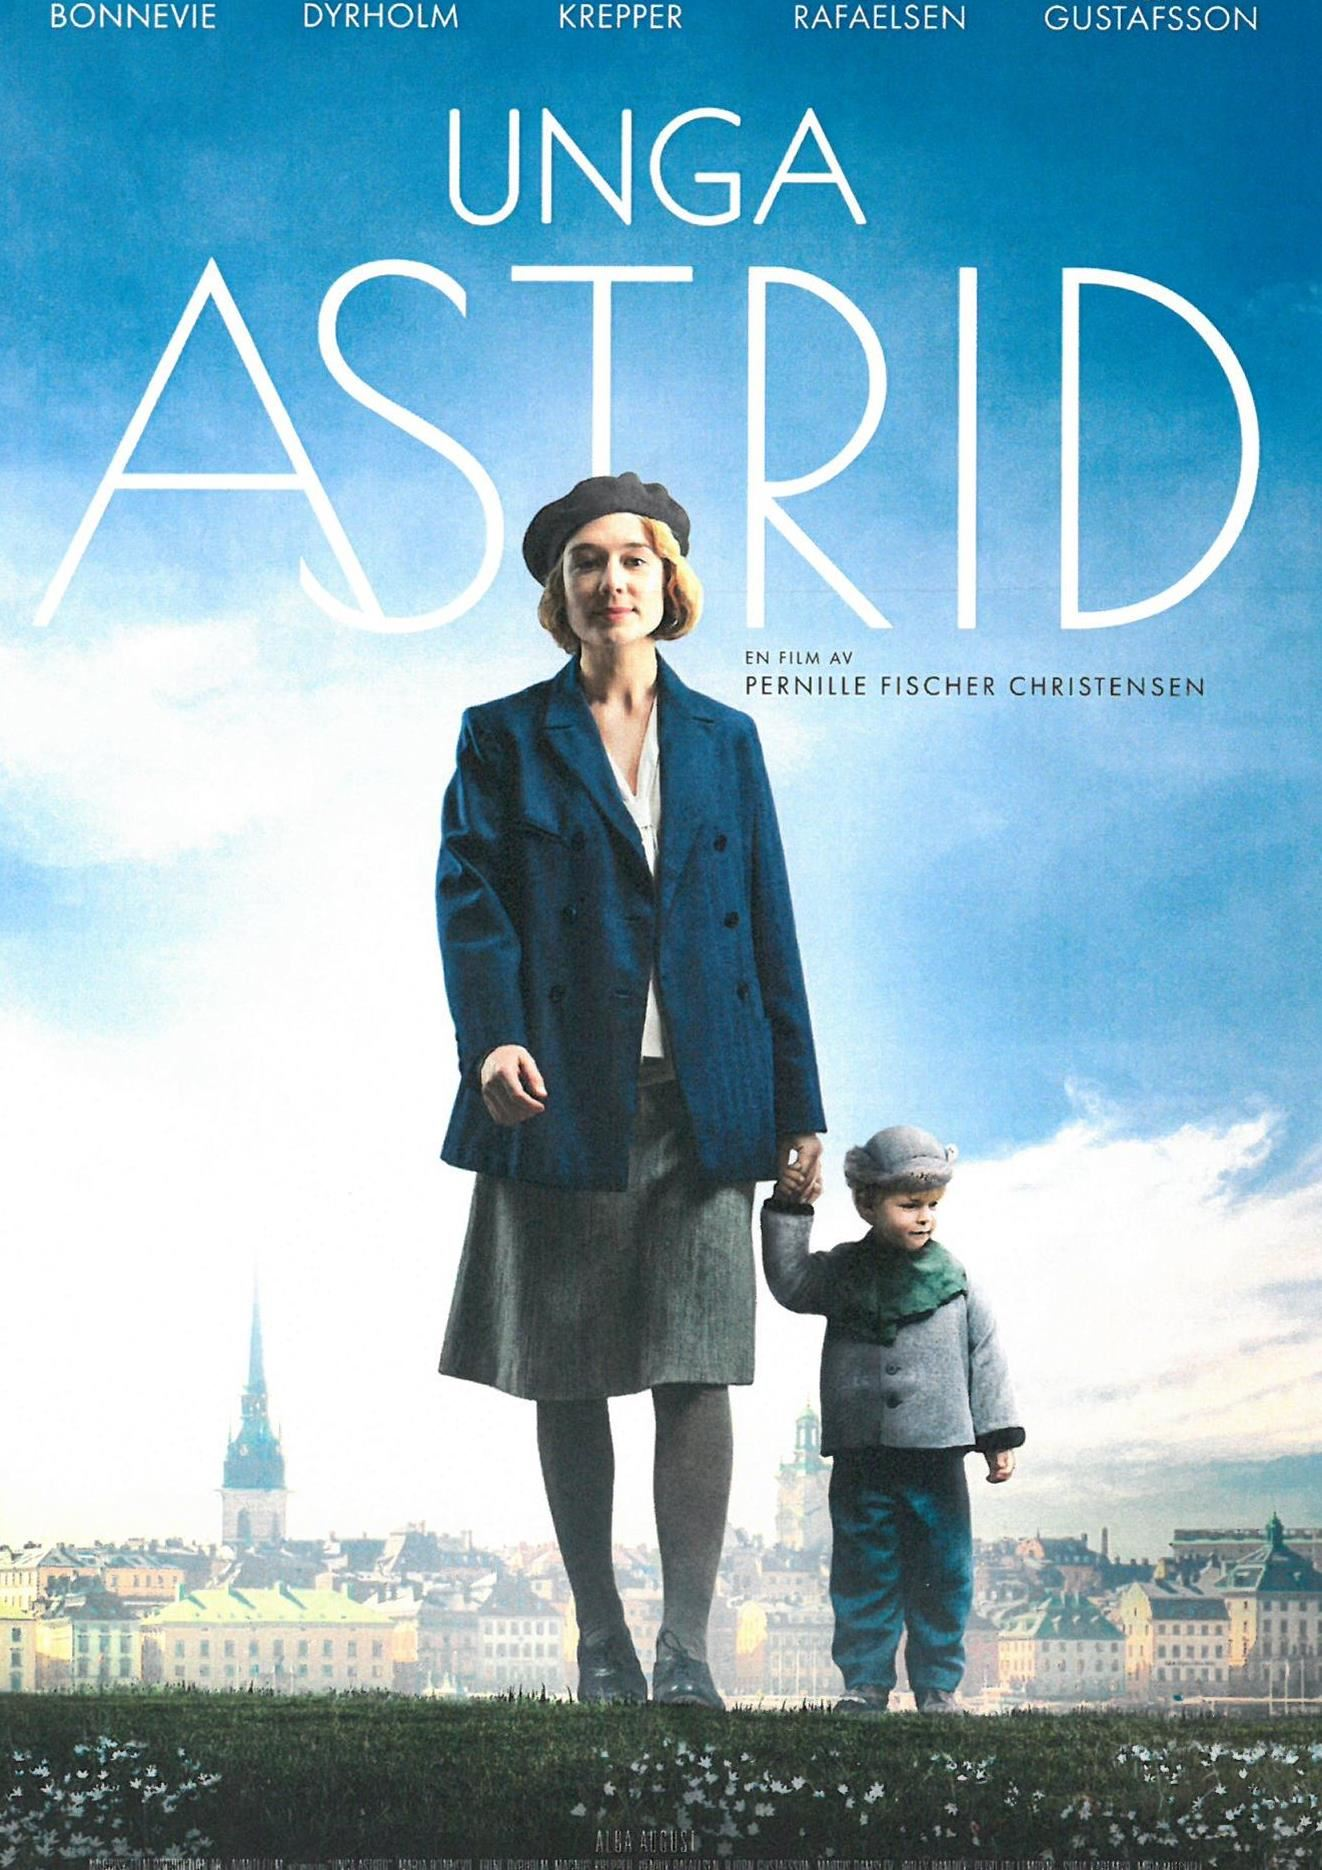 Bio - Unga Astrid